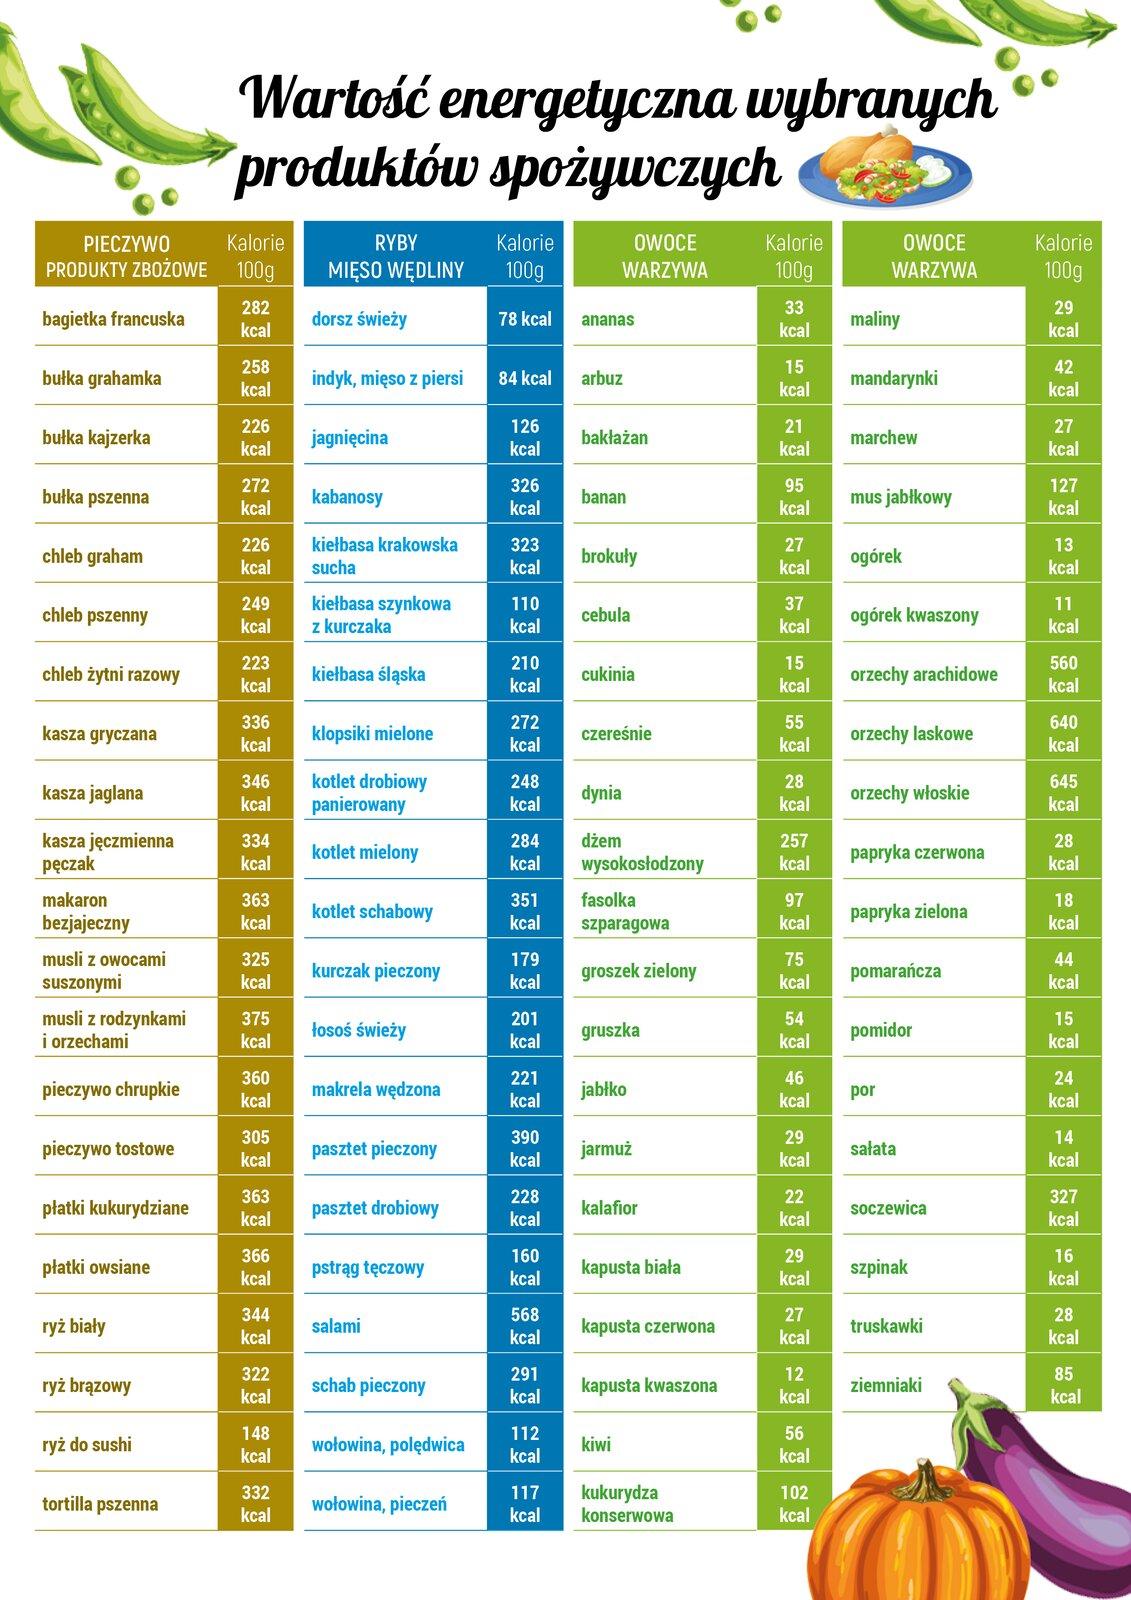 """Tabela przedstawia dane dotyczące kaloryczności różnych produktów żywnościowych. Produkty zostały pogrupowane izestawione wdwudziestu jeden wierszach iczterech kolumnach. Każda kolumna została podzielona na dwie części. Wlewej części podana jest nazwa produktu, wprawej jego kaloryczność przedstawiona wkaloriach na 100g produktu. Każda kolumna oznaczona jest innym kolorem (tytuł iczcionka). Od lewej: pierwsza kolumna przedstawia dane dla grupy produktów opisanych jako: """"PIECZYWO PRODUKTY ZBOŻOWE"""" – oznaczona kolorem oliwkowym, wkolumnie drugiej przedstawiono dane dla grupy produktów: """"RYBY MIĘSO WĘDLINY"""" – oznaczone kolorem niebieskim, kolumny trzecia iczwarta ilustrują dane dla grupy produktów: """" OWOCE WARZYWA """" – oznaczone kolorem zielonym."""